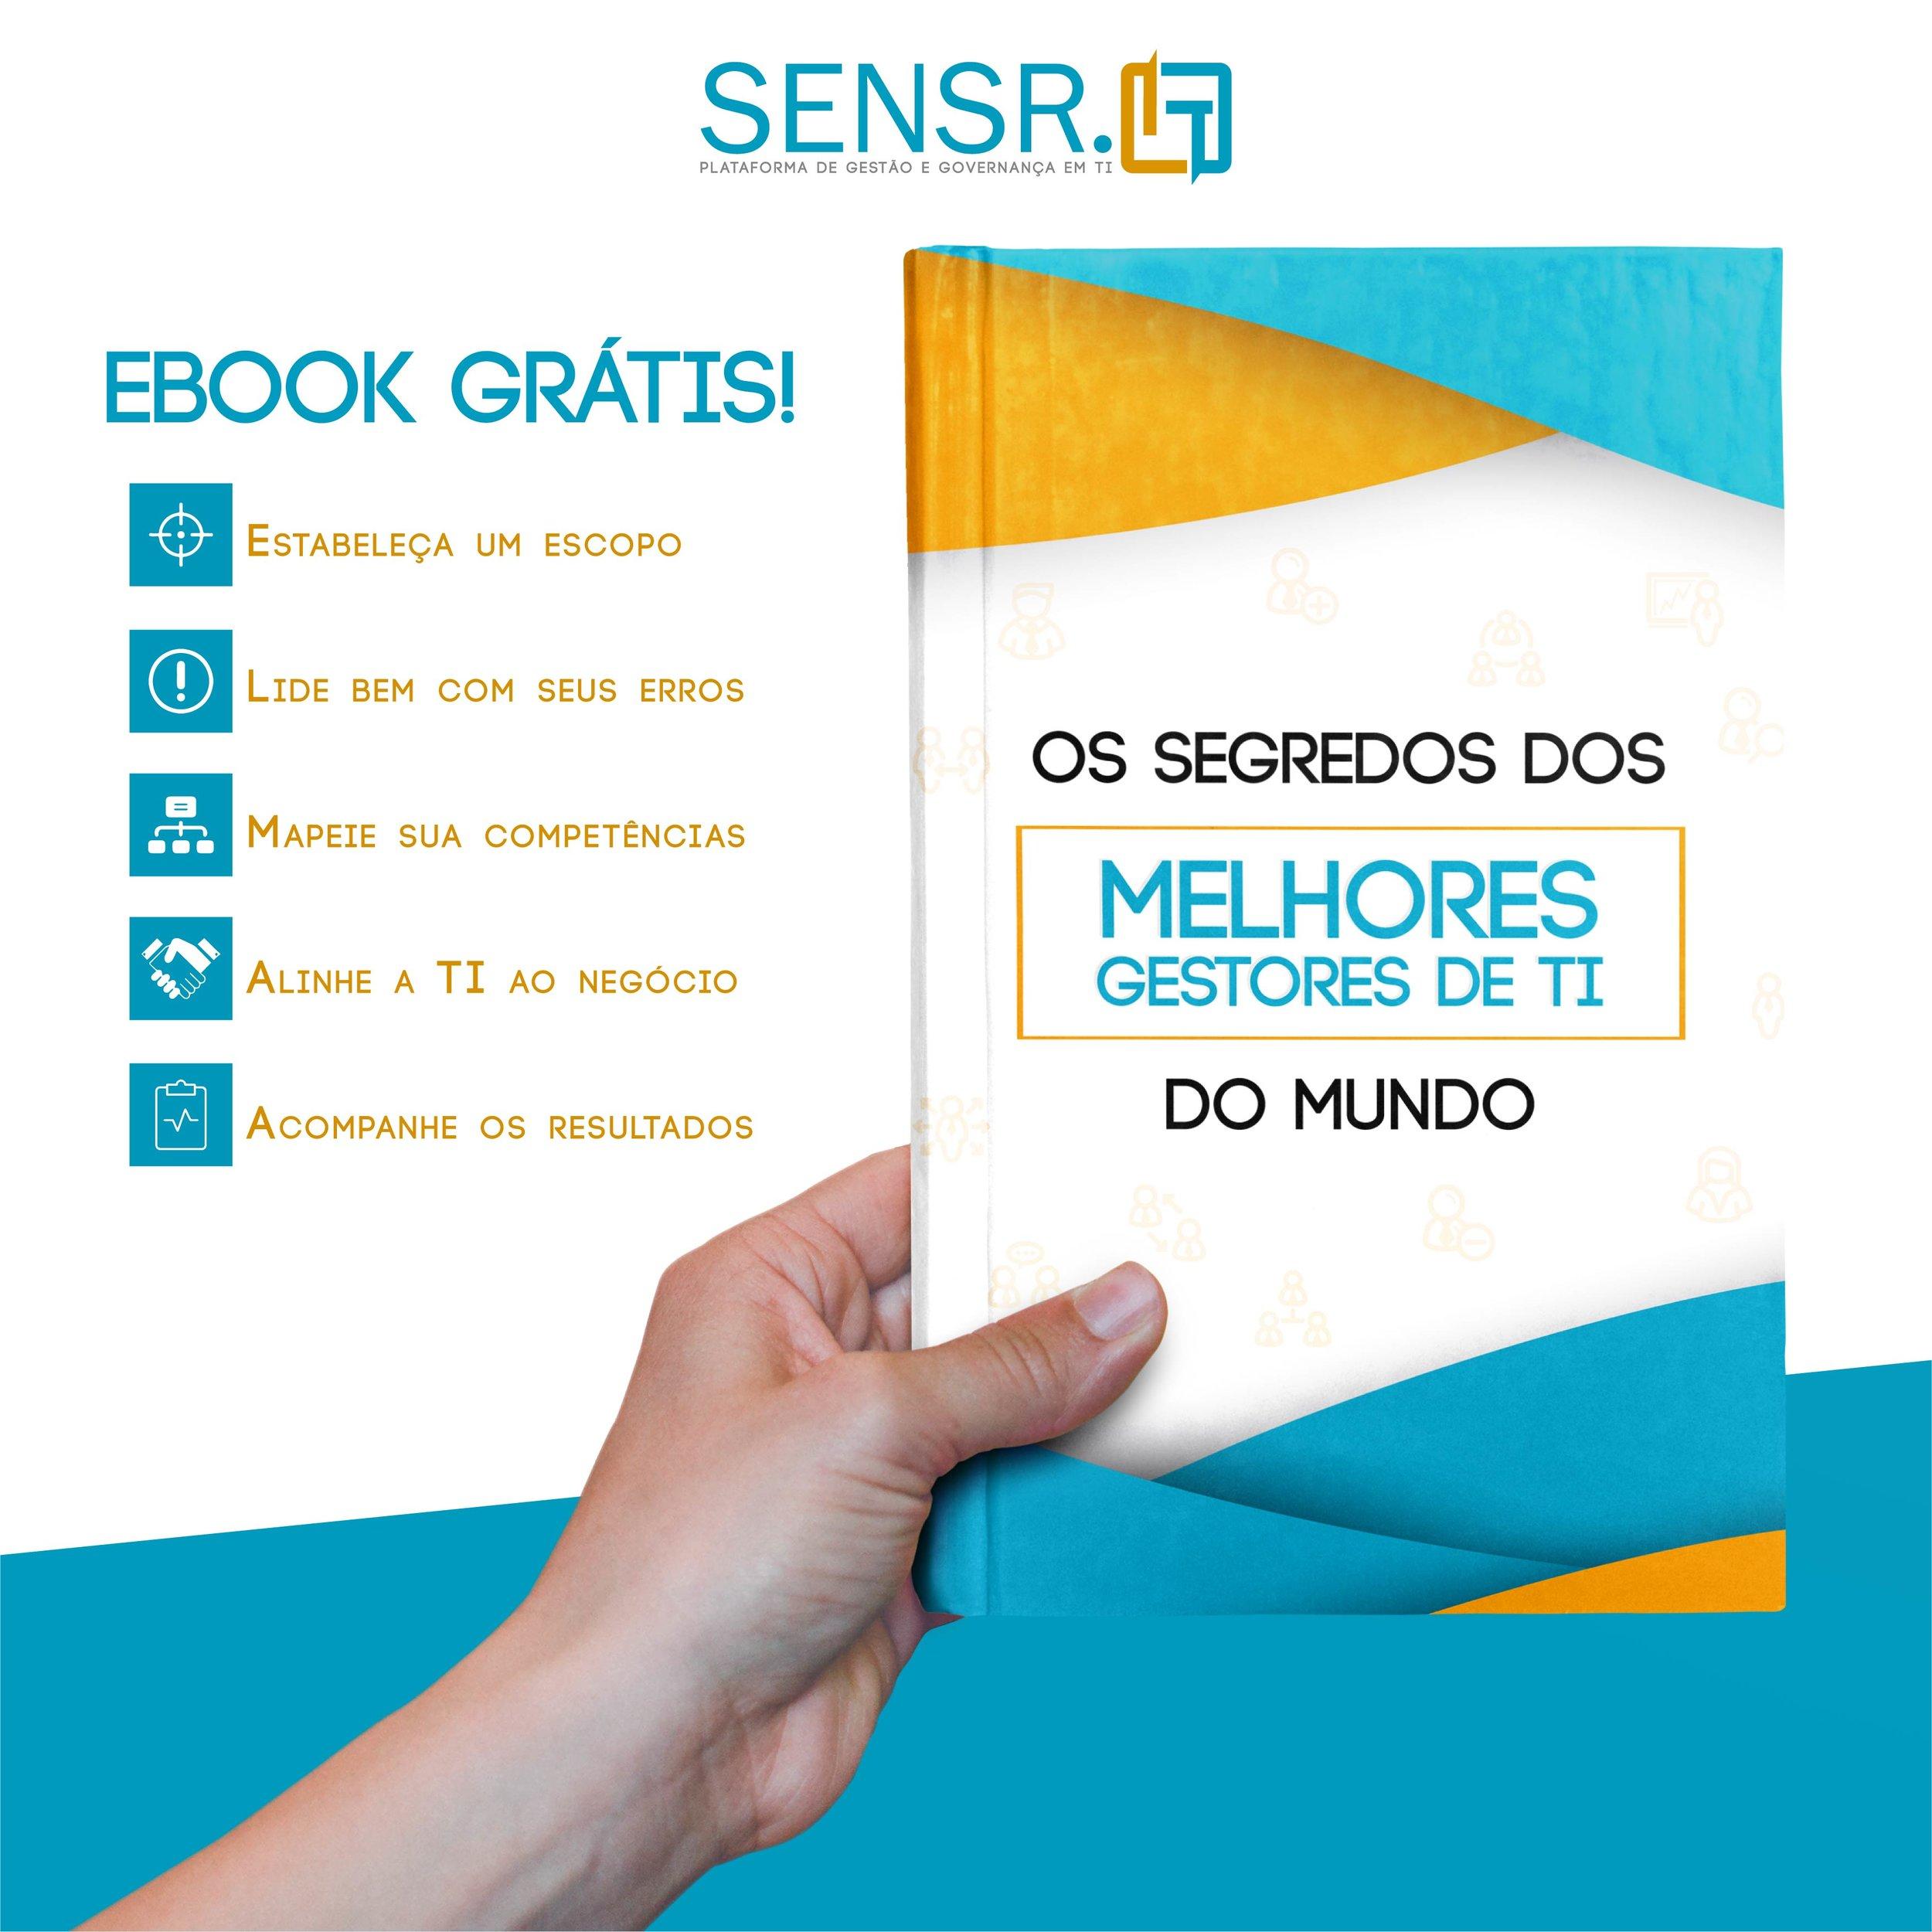 Ebook 2 Site-14.jpg